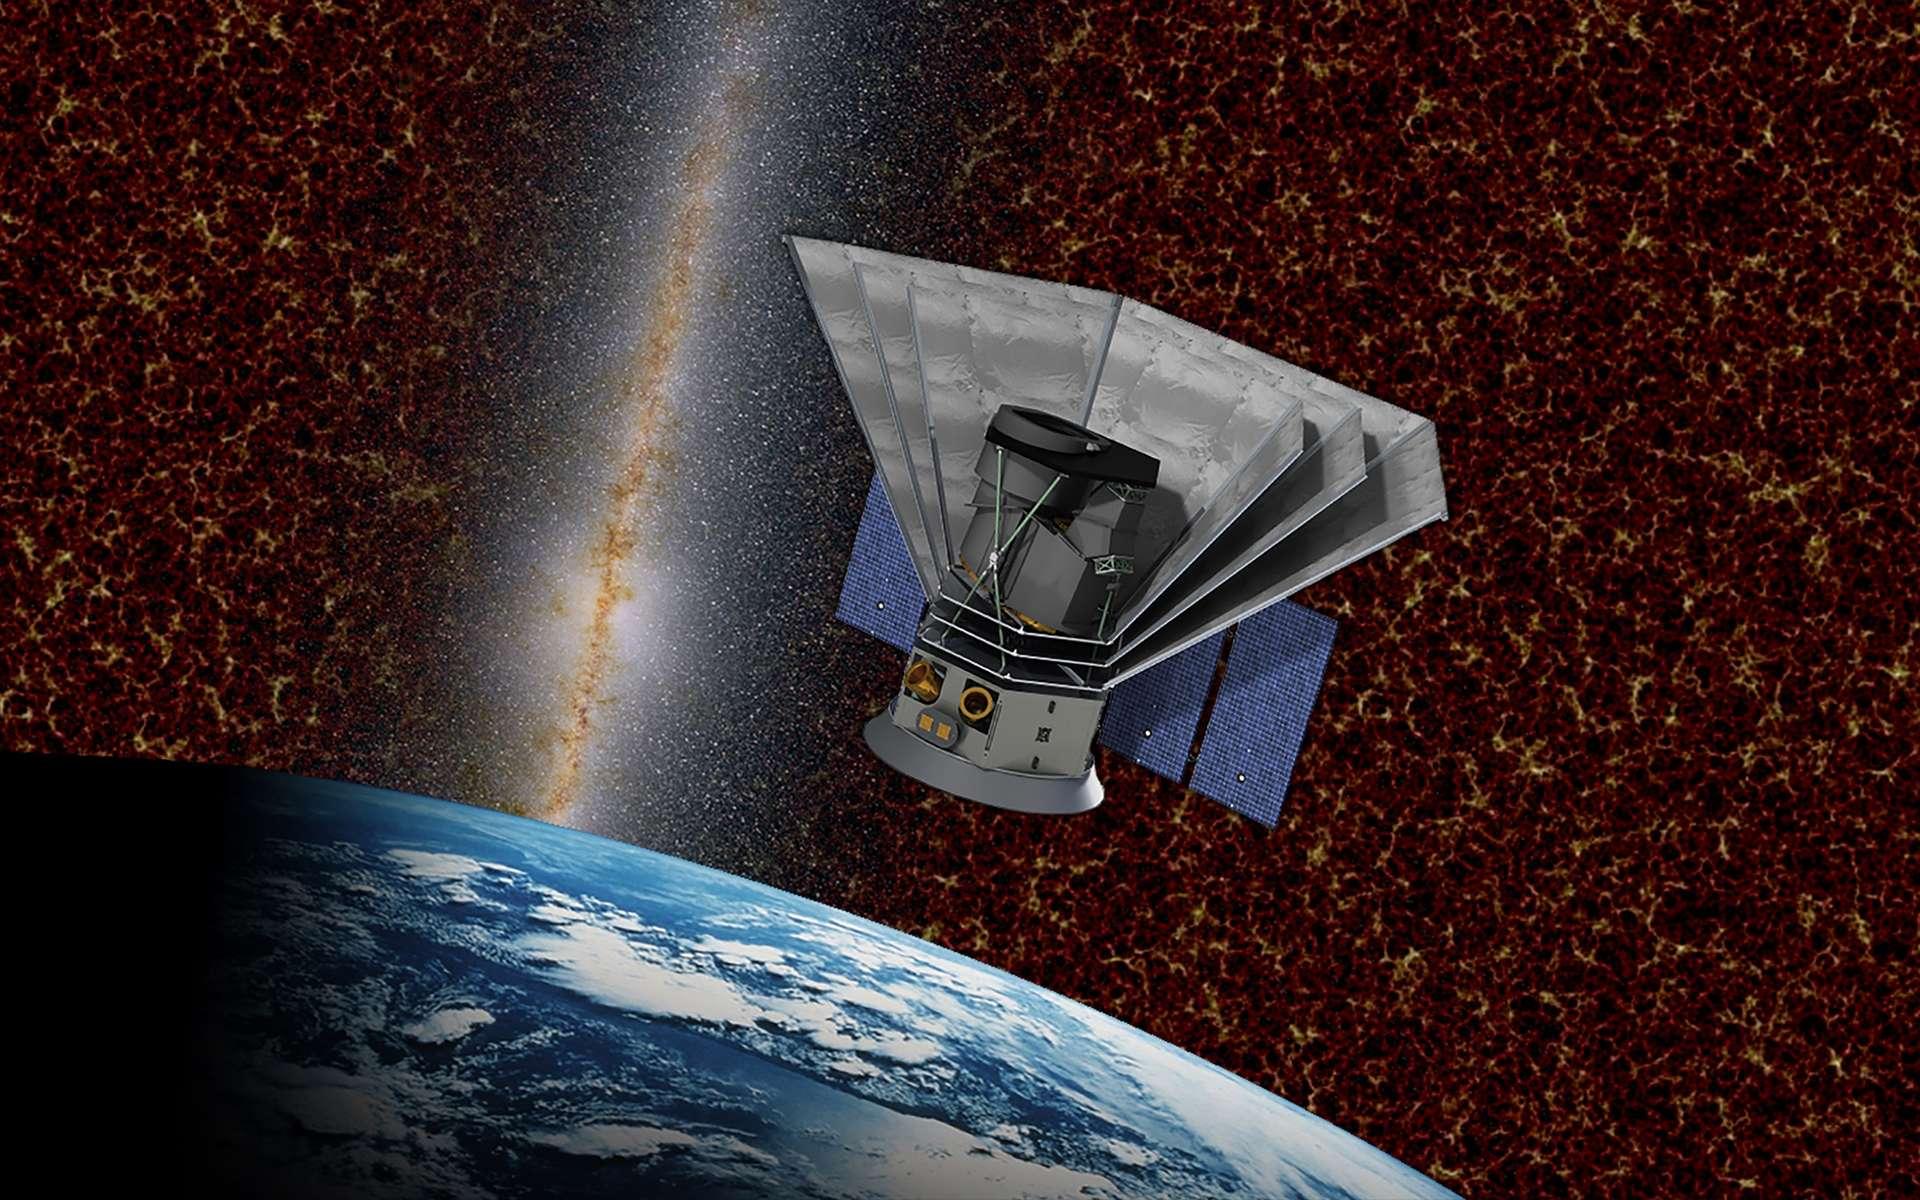 Vue d'artiste du satellite SPHEREx de la Nasa qui sera lancé en 2023. Son objectif est d'explorer les origines de l'univers et de la vie. © Nasa, Caltech